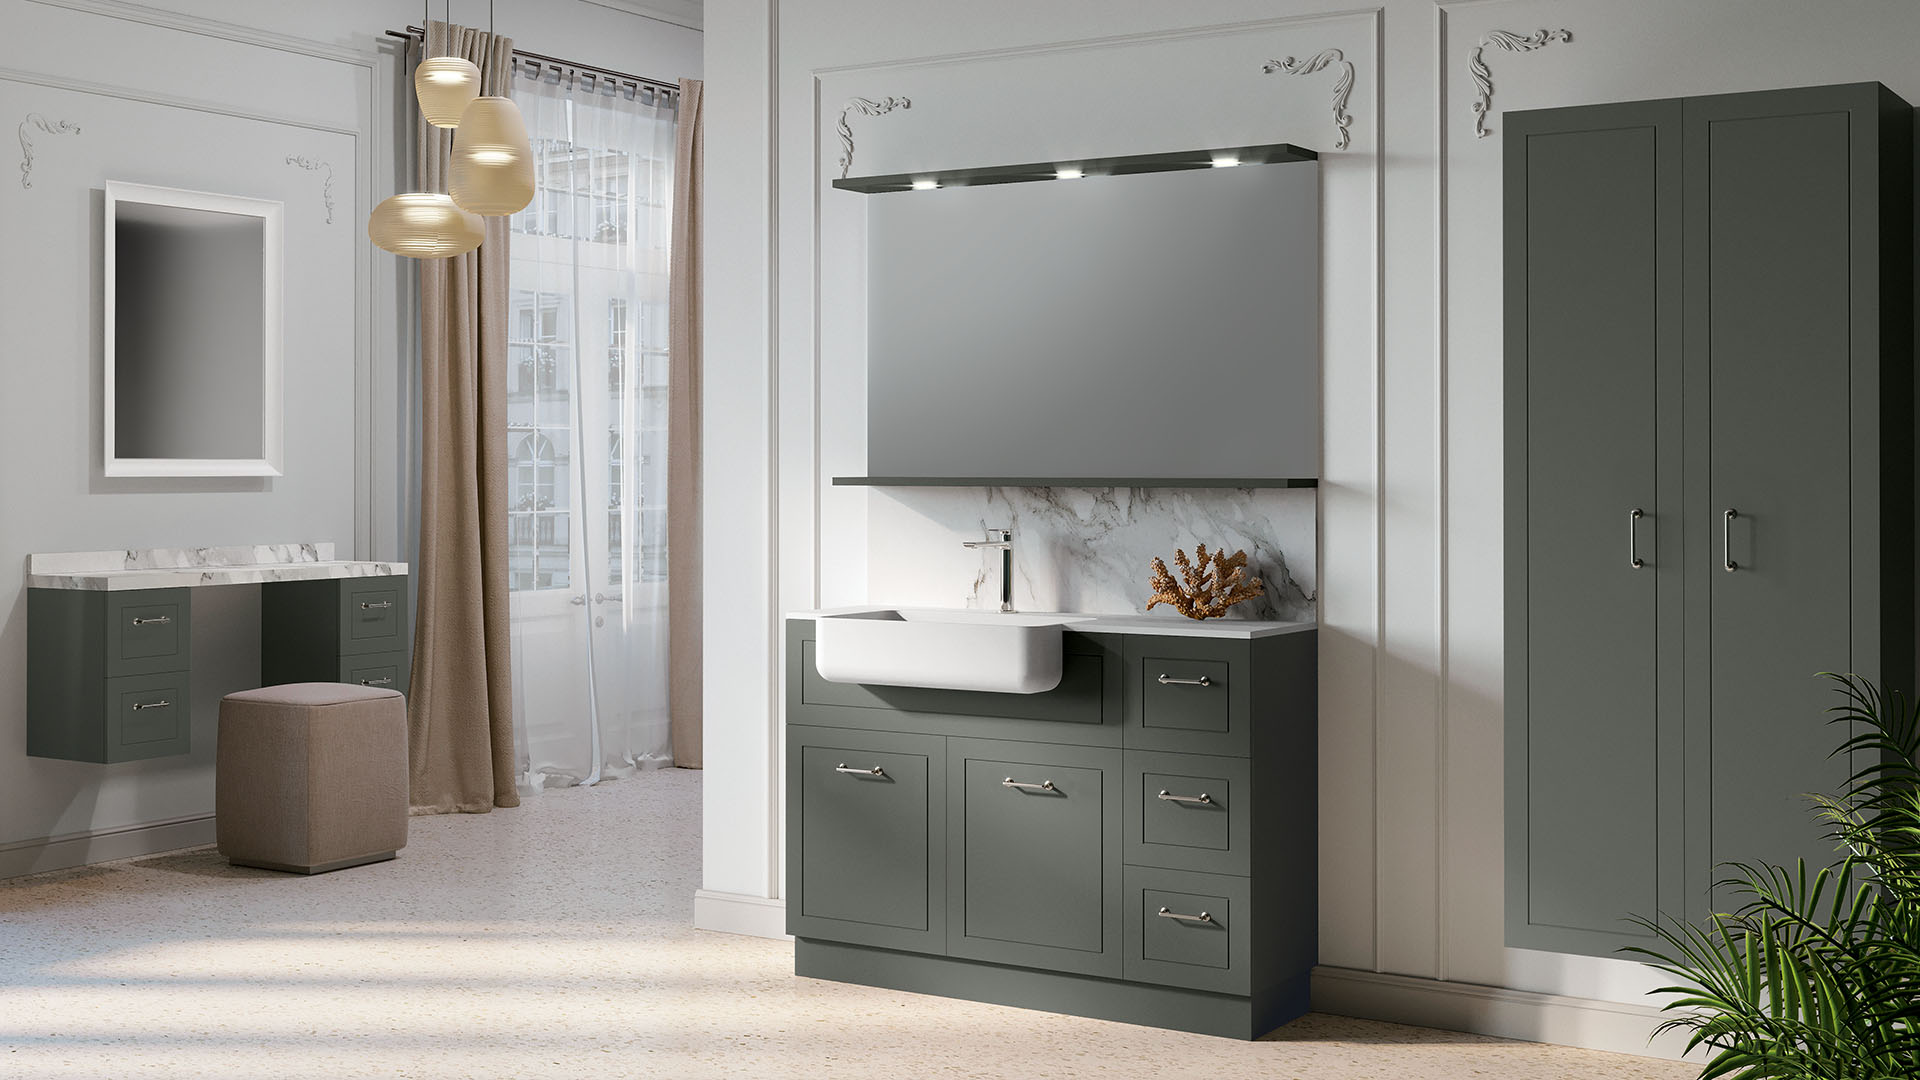 Bathroom Classic C02 - Licor Design